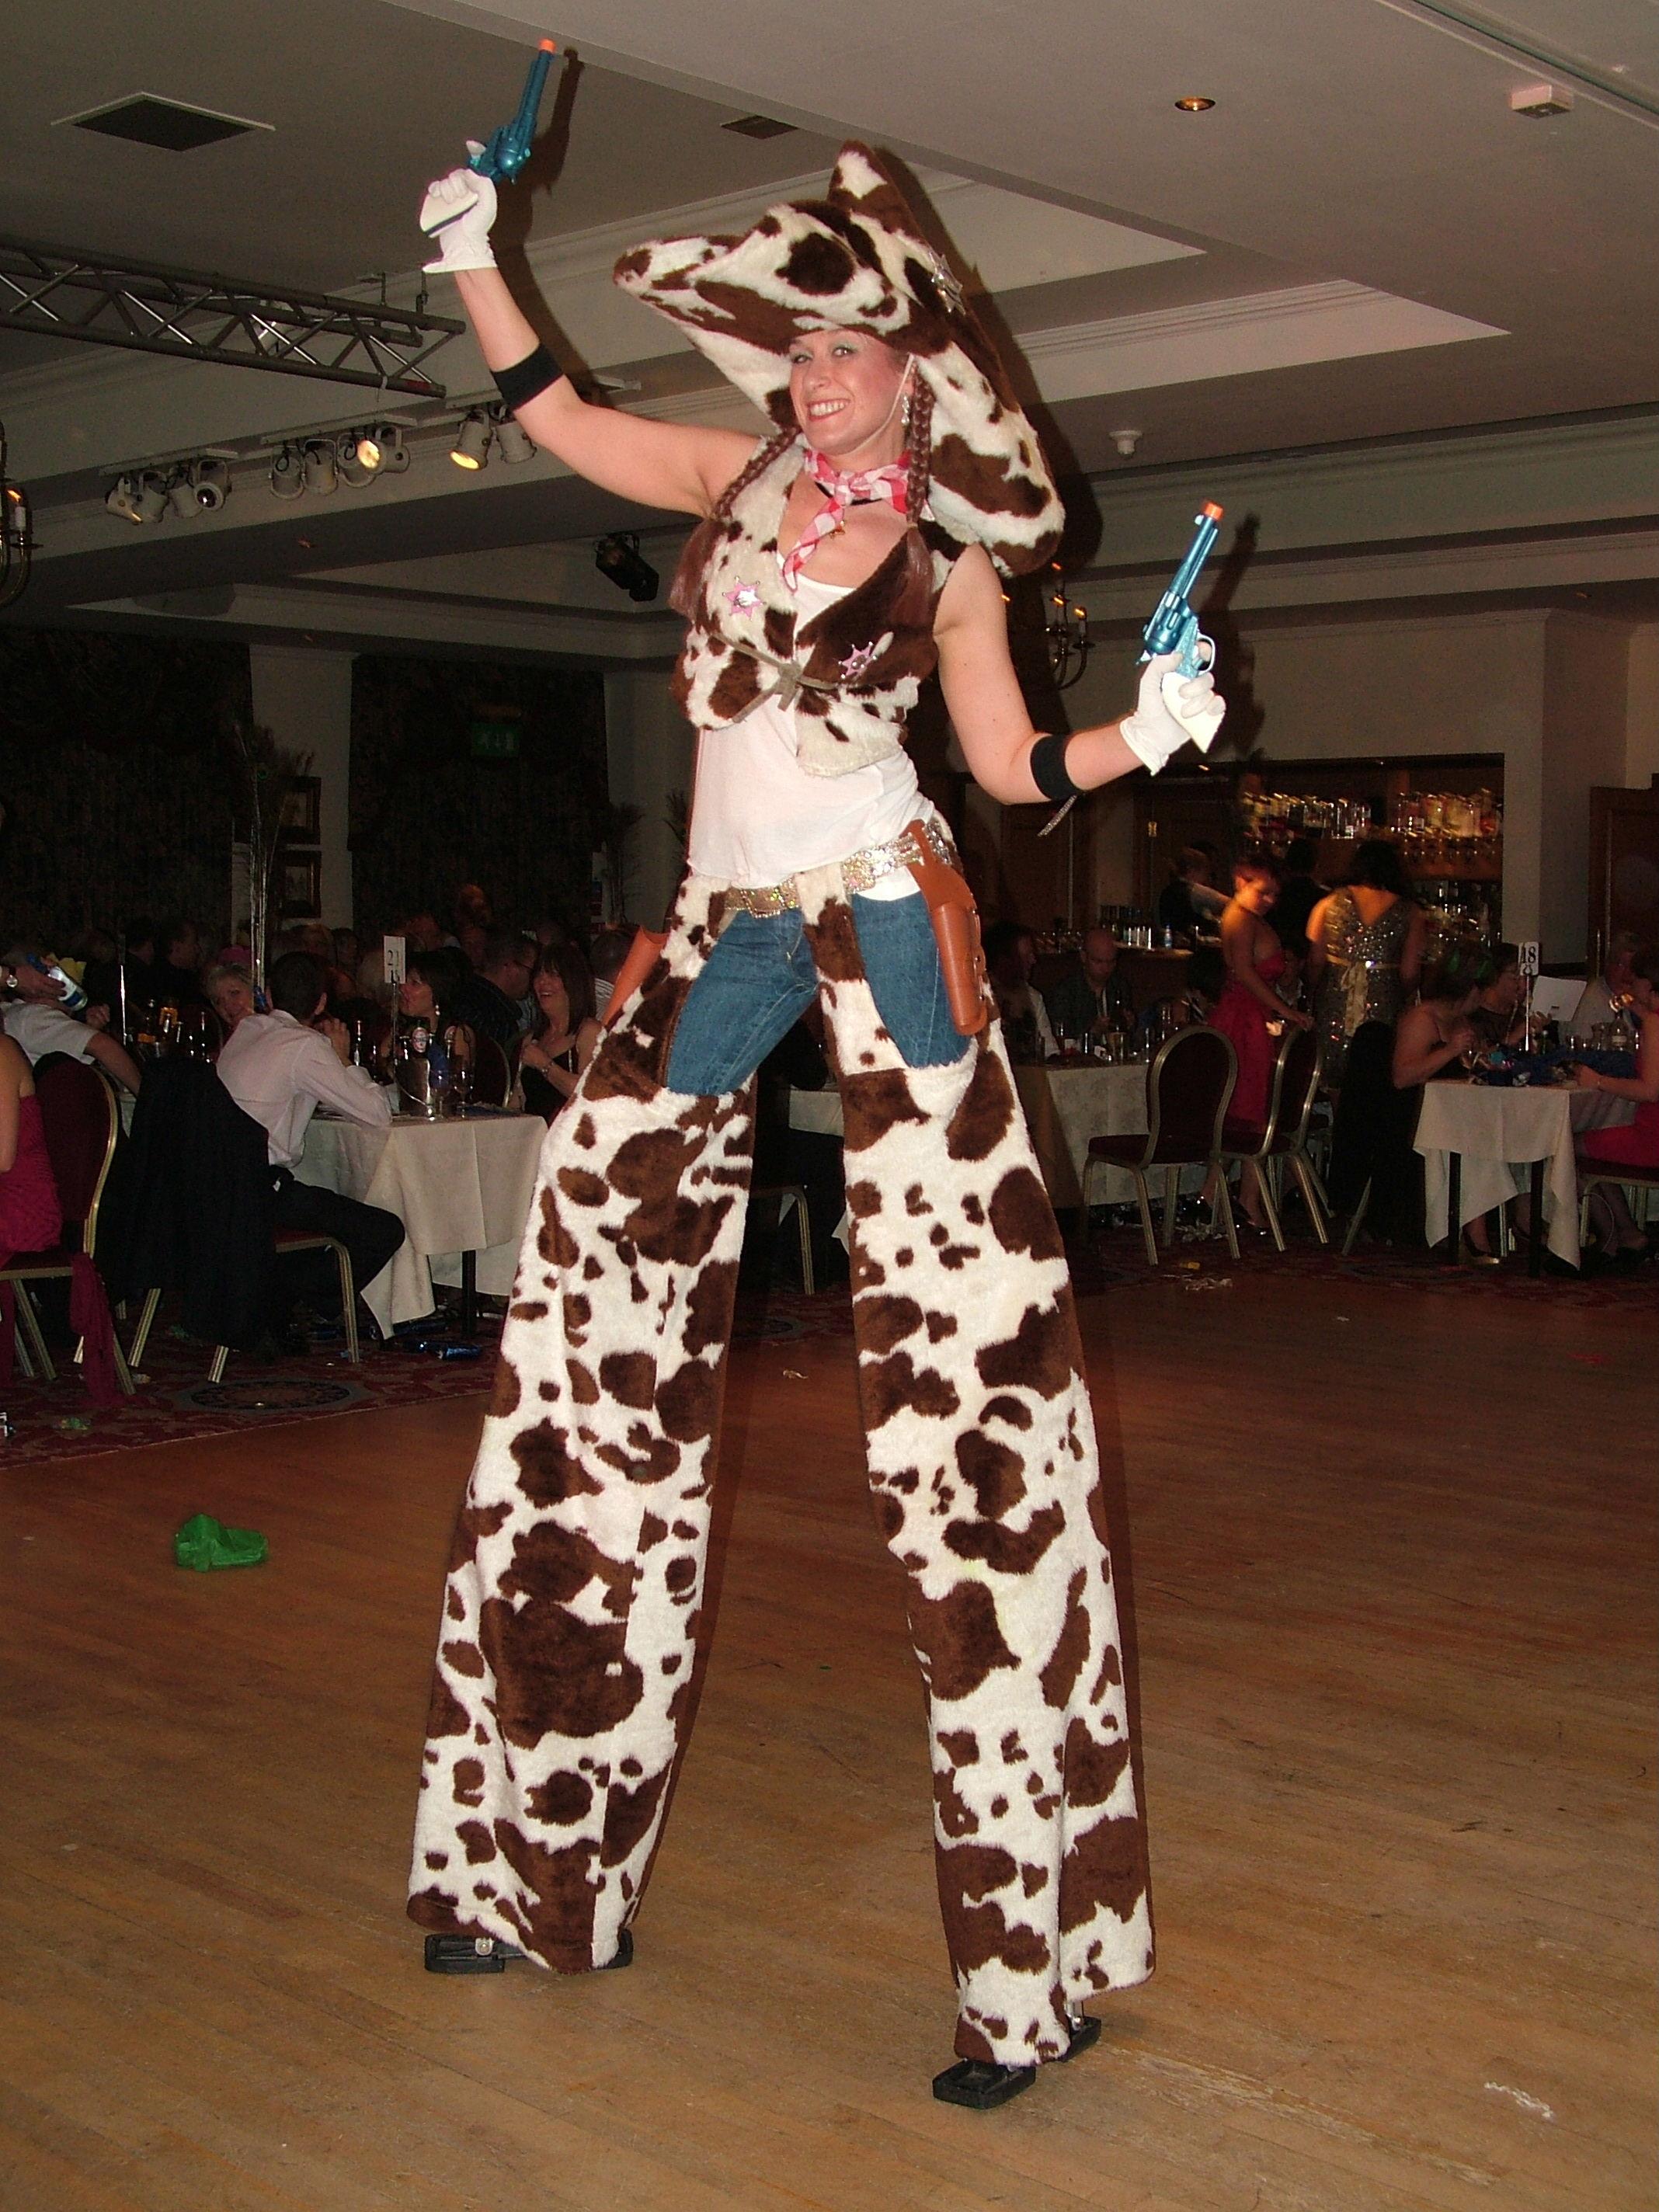 crowdpuller/cowgirl_stiltwalker_scotland_western.jpg